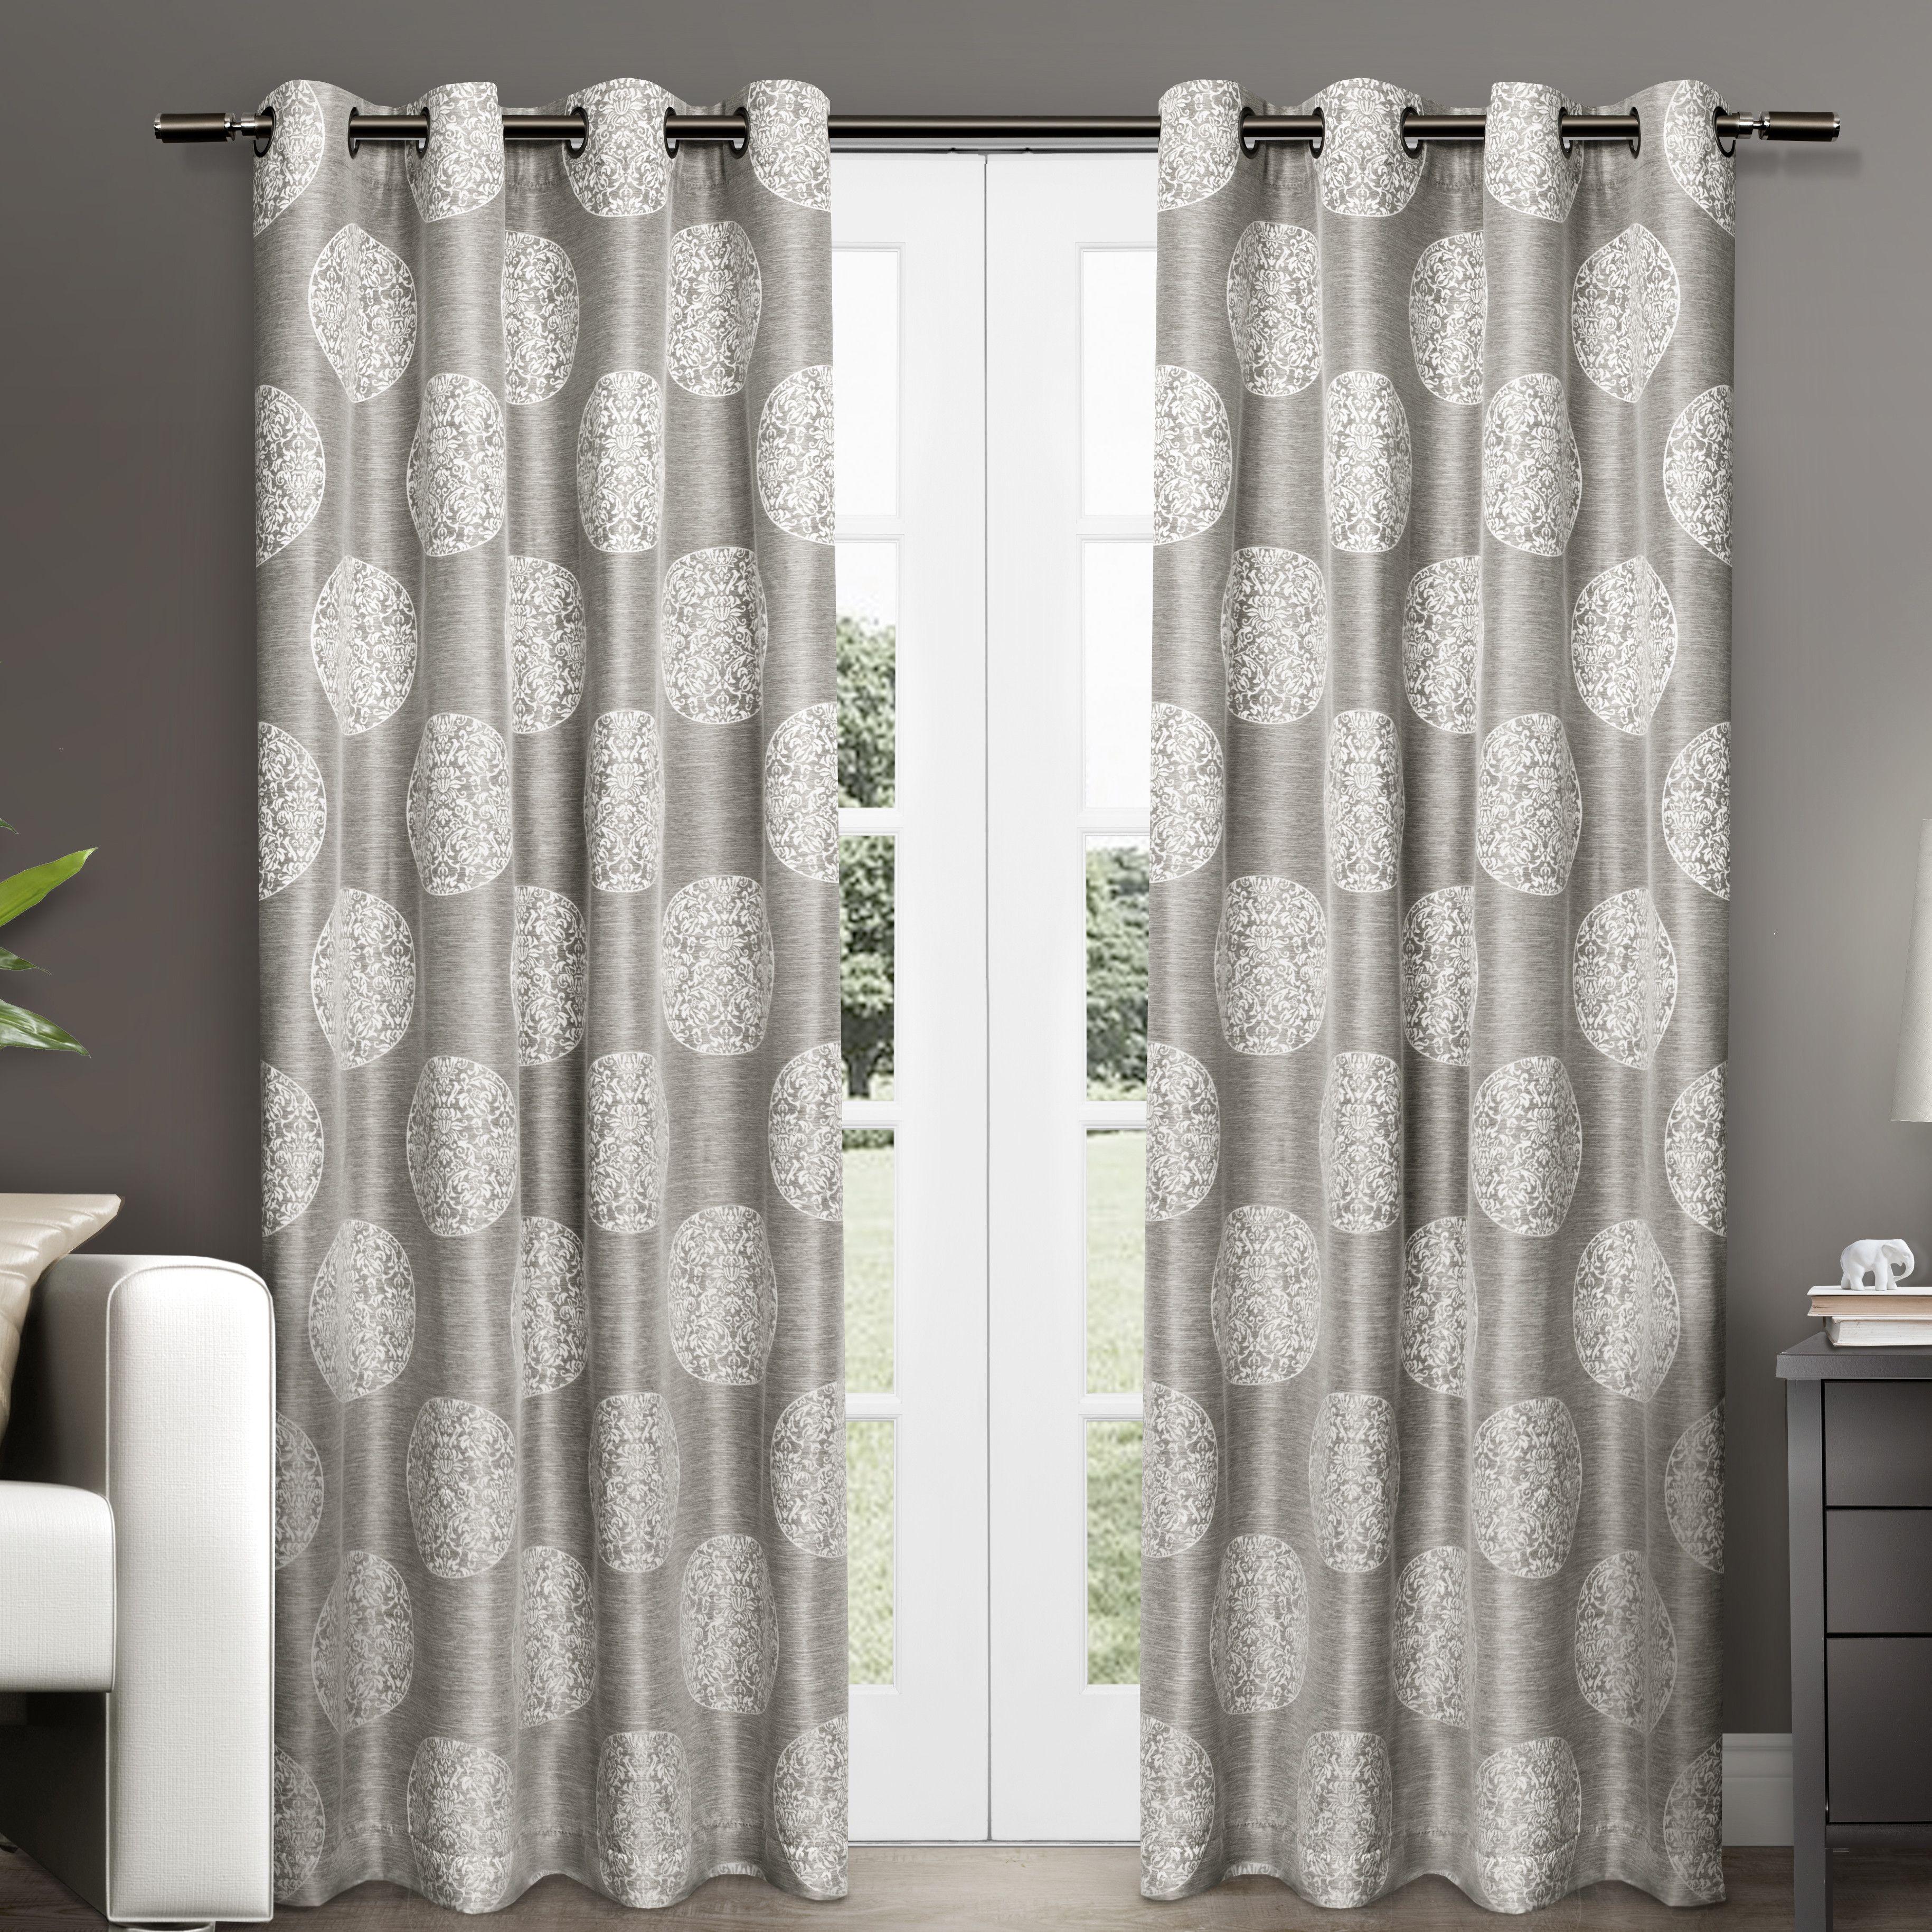 Ashleyus room amalgamated textiles usa akola curtain panel lf